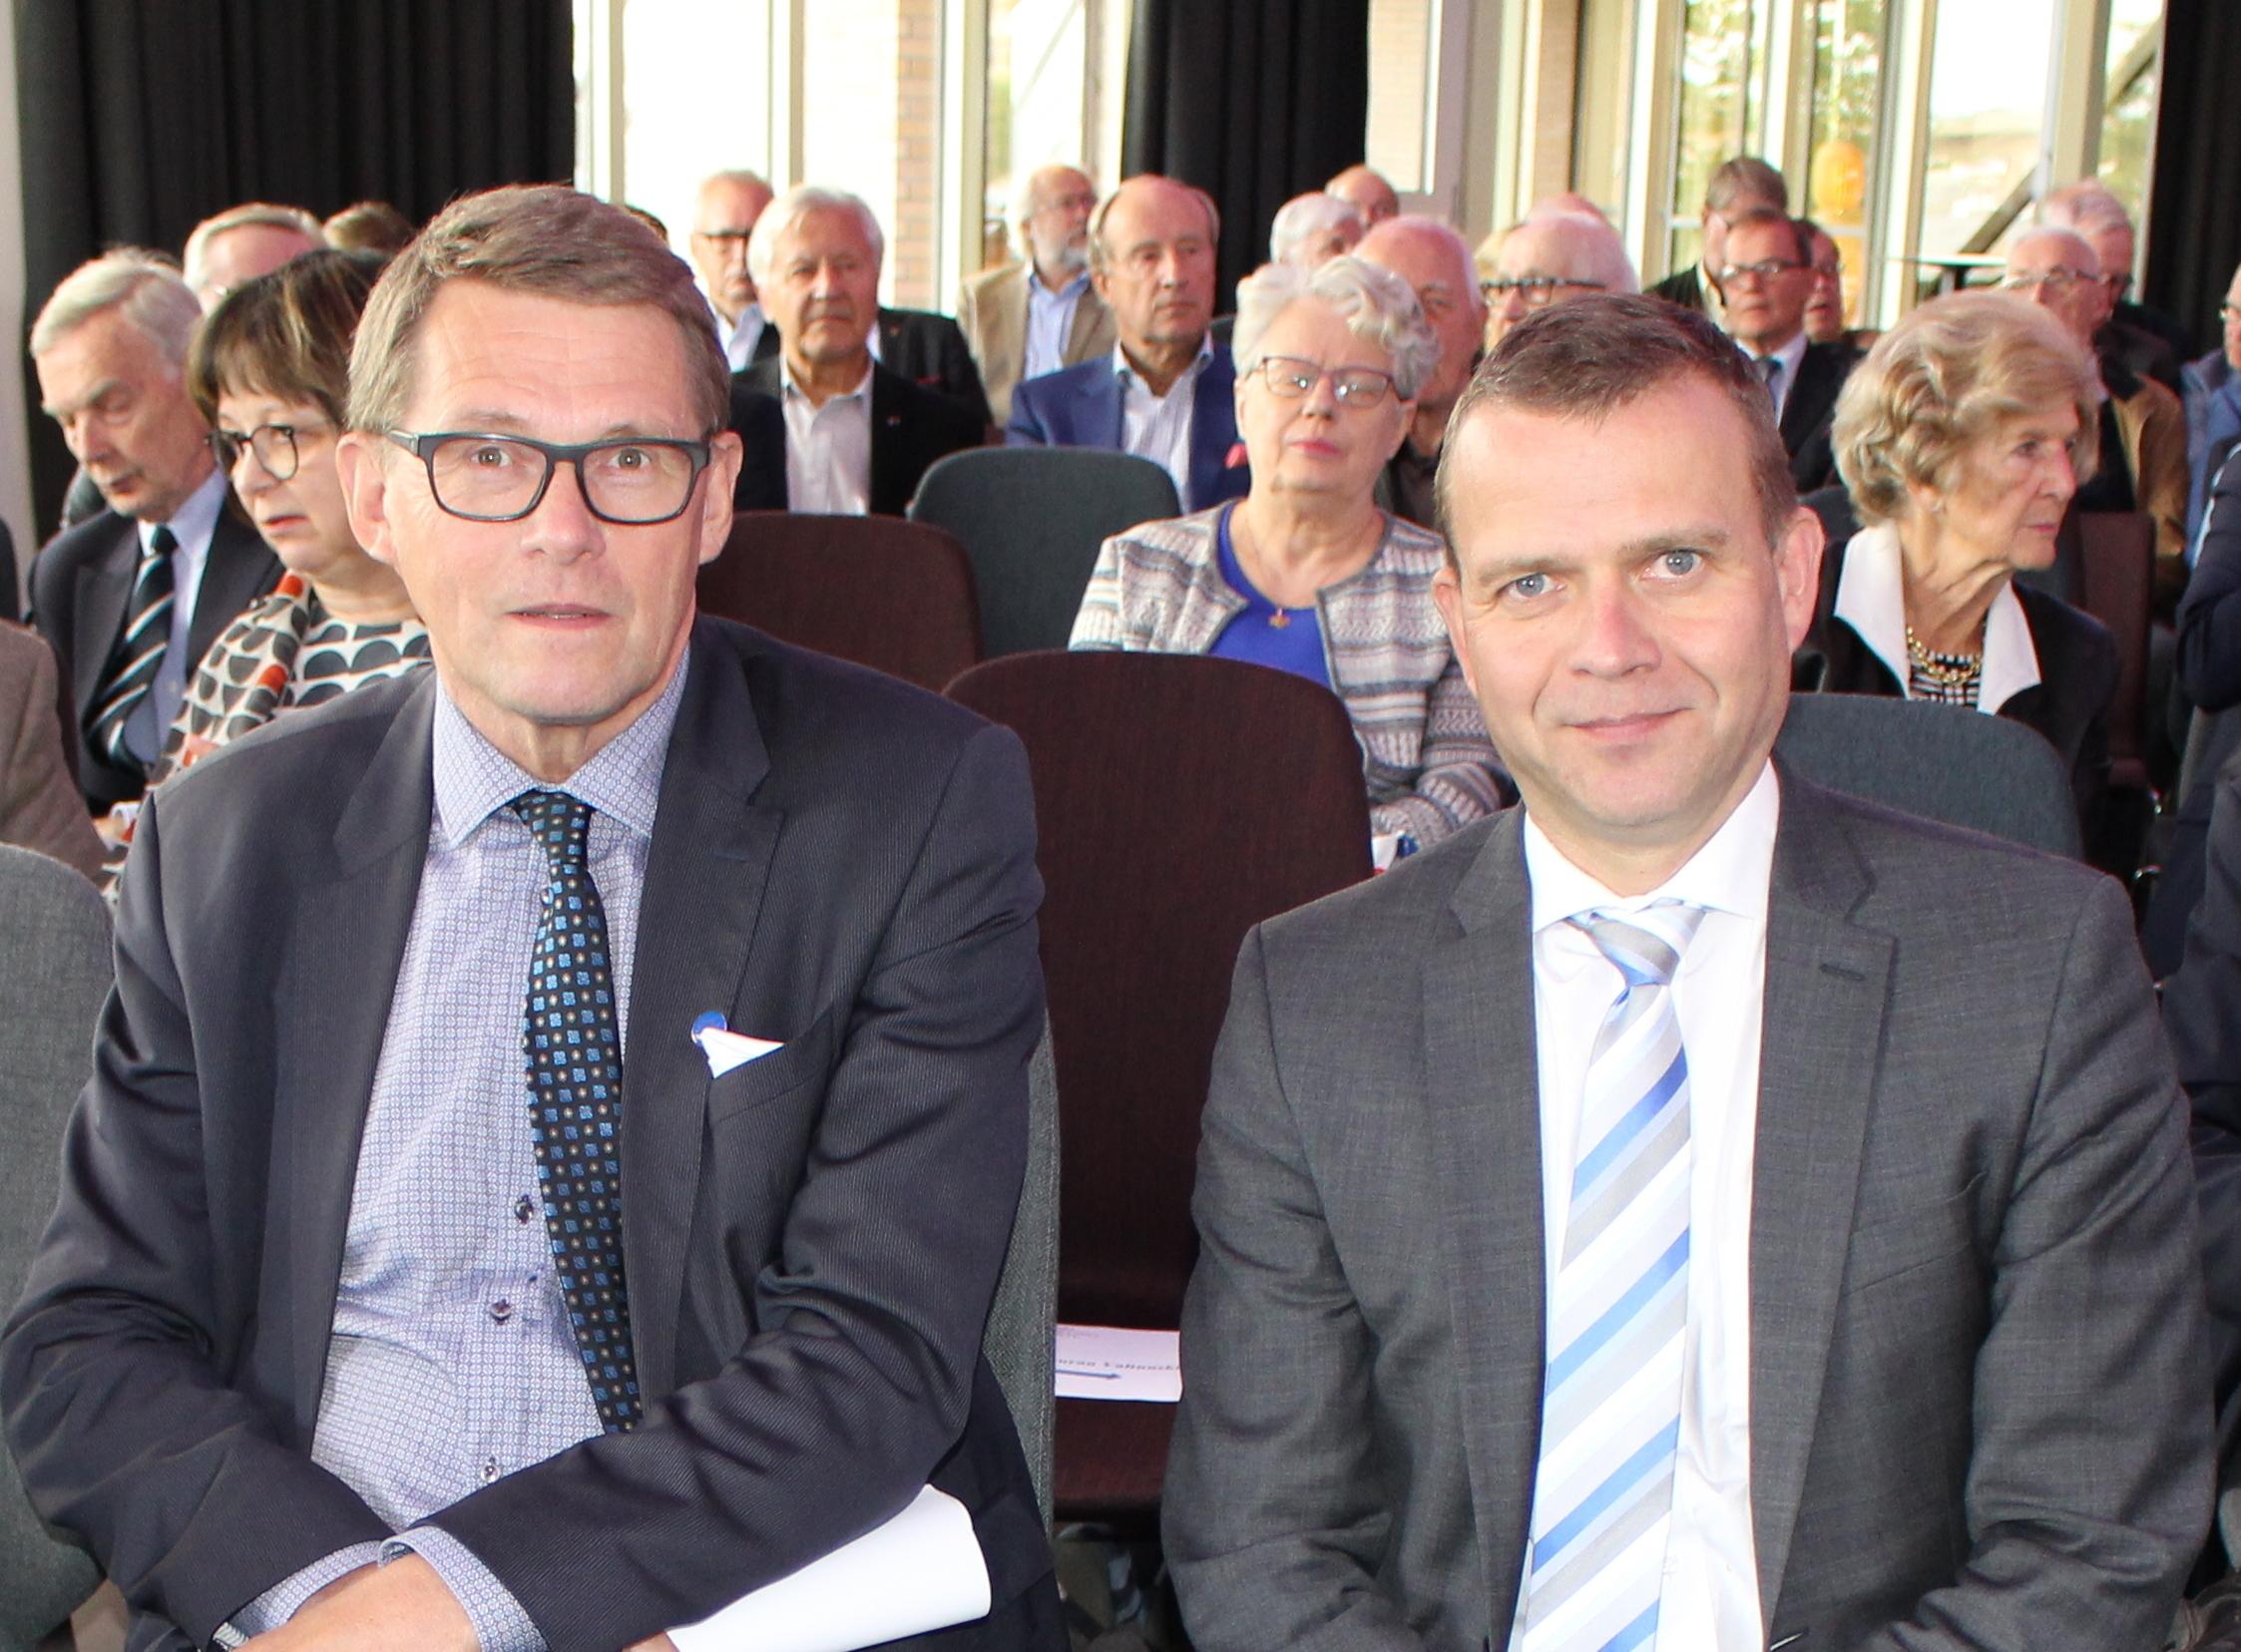 Kokoomuksen pj, valtiovarainministeri Petteri Orpo ja Paasikivi-Seuran pj Matti Vanhanen__UKK-luento Paasikivi-Seurassa 6.9.2017